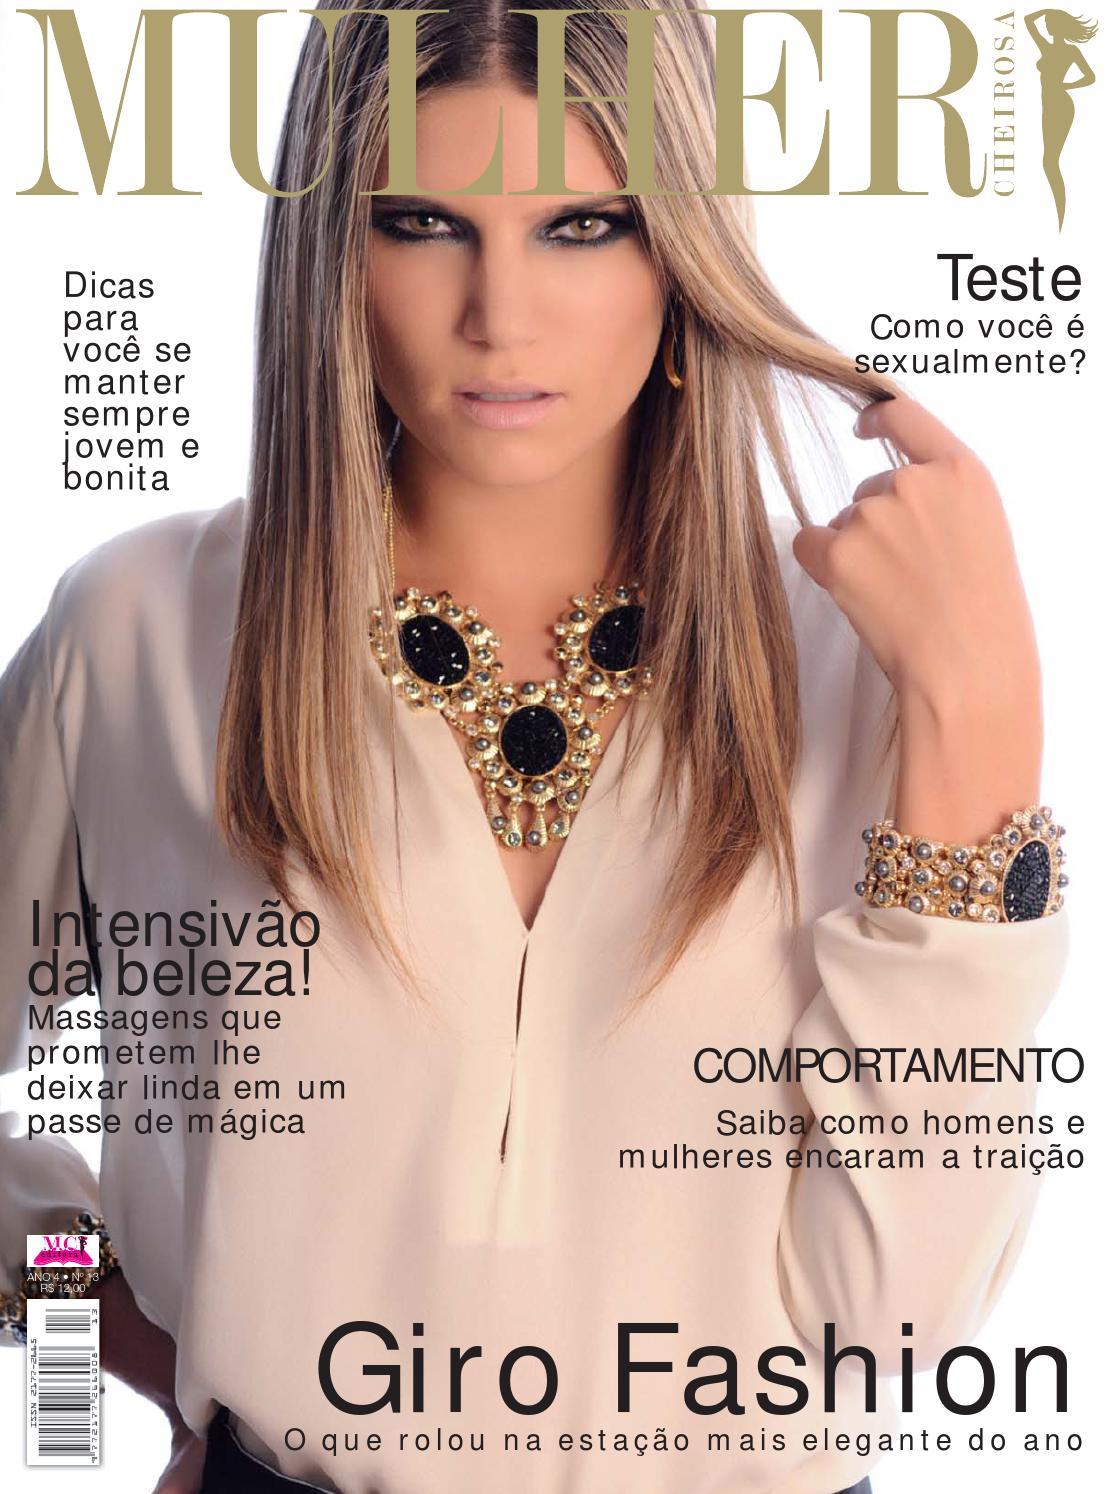 fd295b9c785 Revista mulher cheirosa 13ª edição by Mulher Cheirosa - issuu